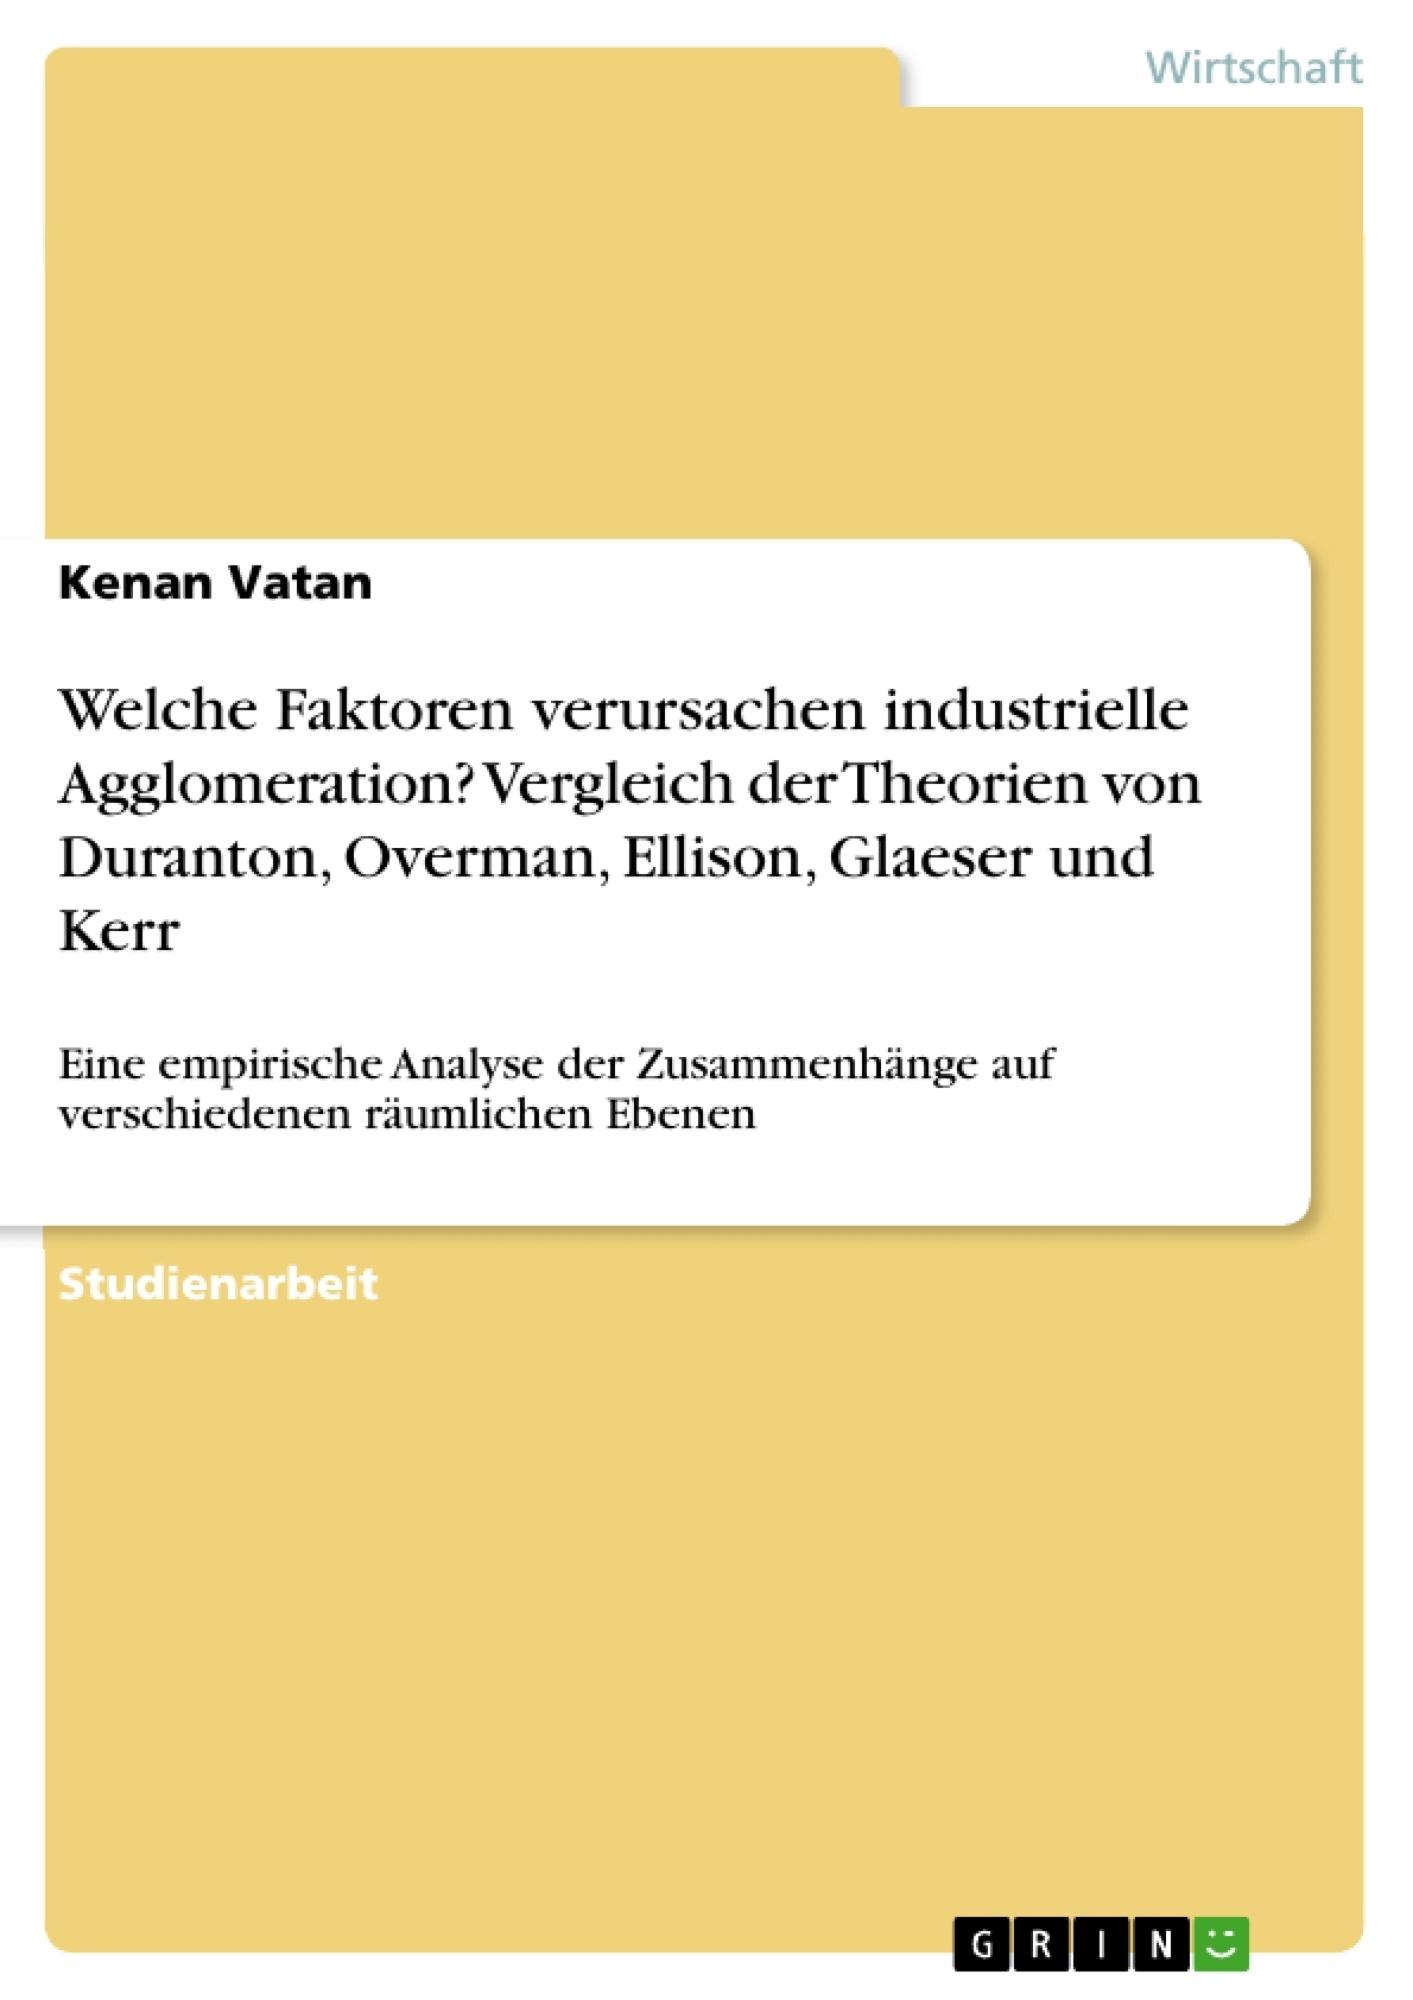 Titel: Welche Faktoren verursachen industrielle Agglomeration? Vergleich der Theorien von Duranton, Overman, Ellison, Glaeser und Kerr